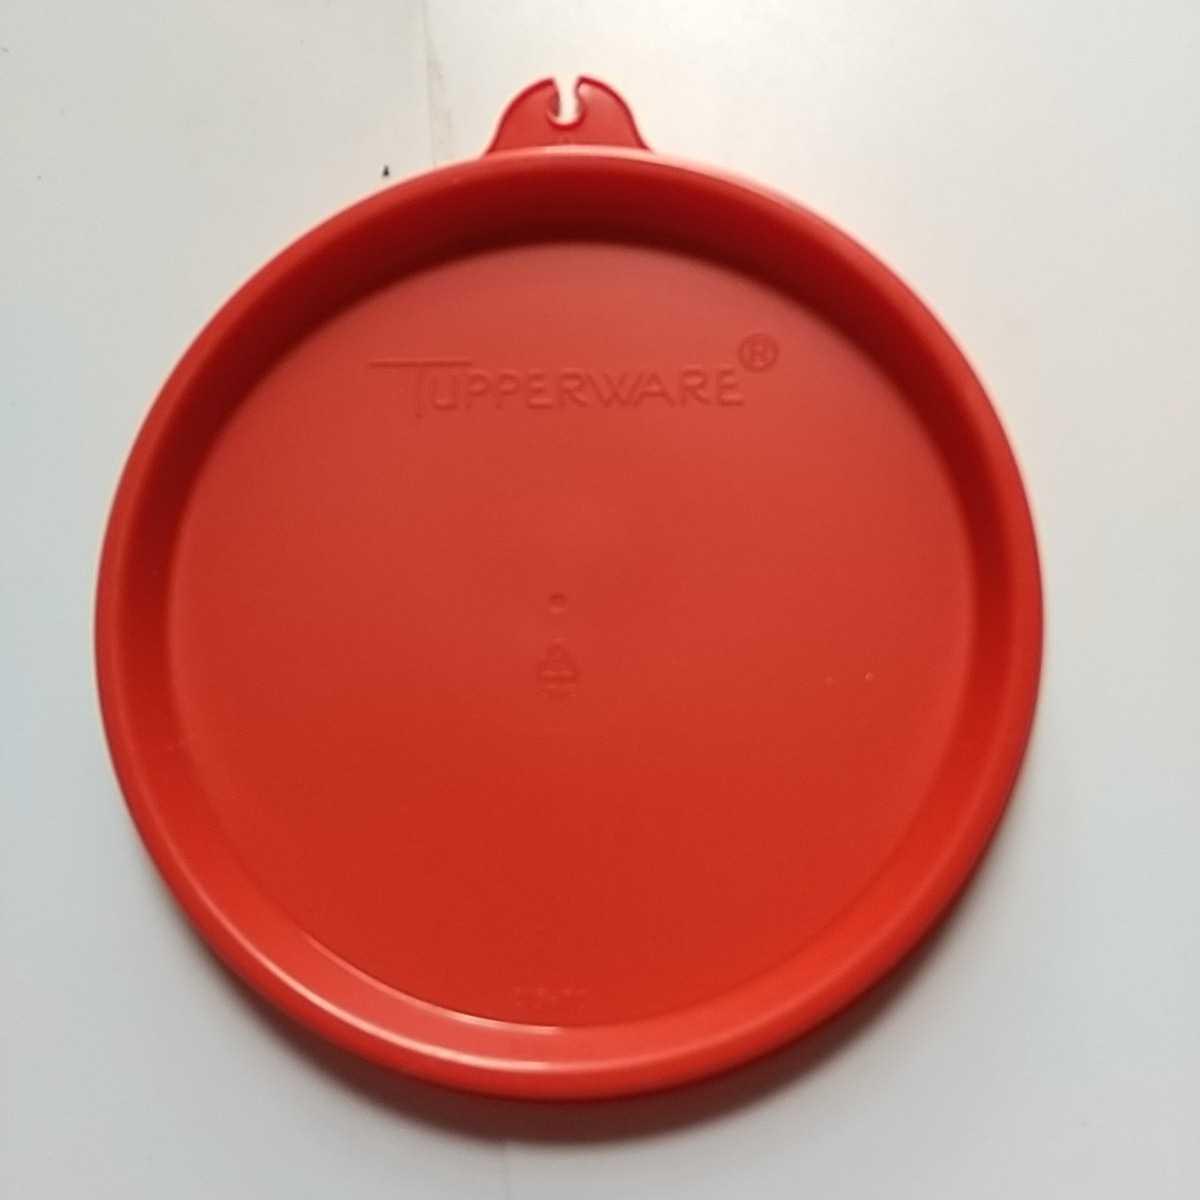 タッパーウェア Aシール スピーディーチョッパー用 赤_画像1